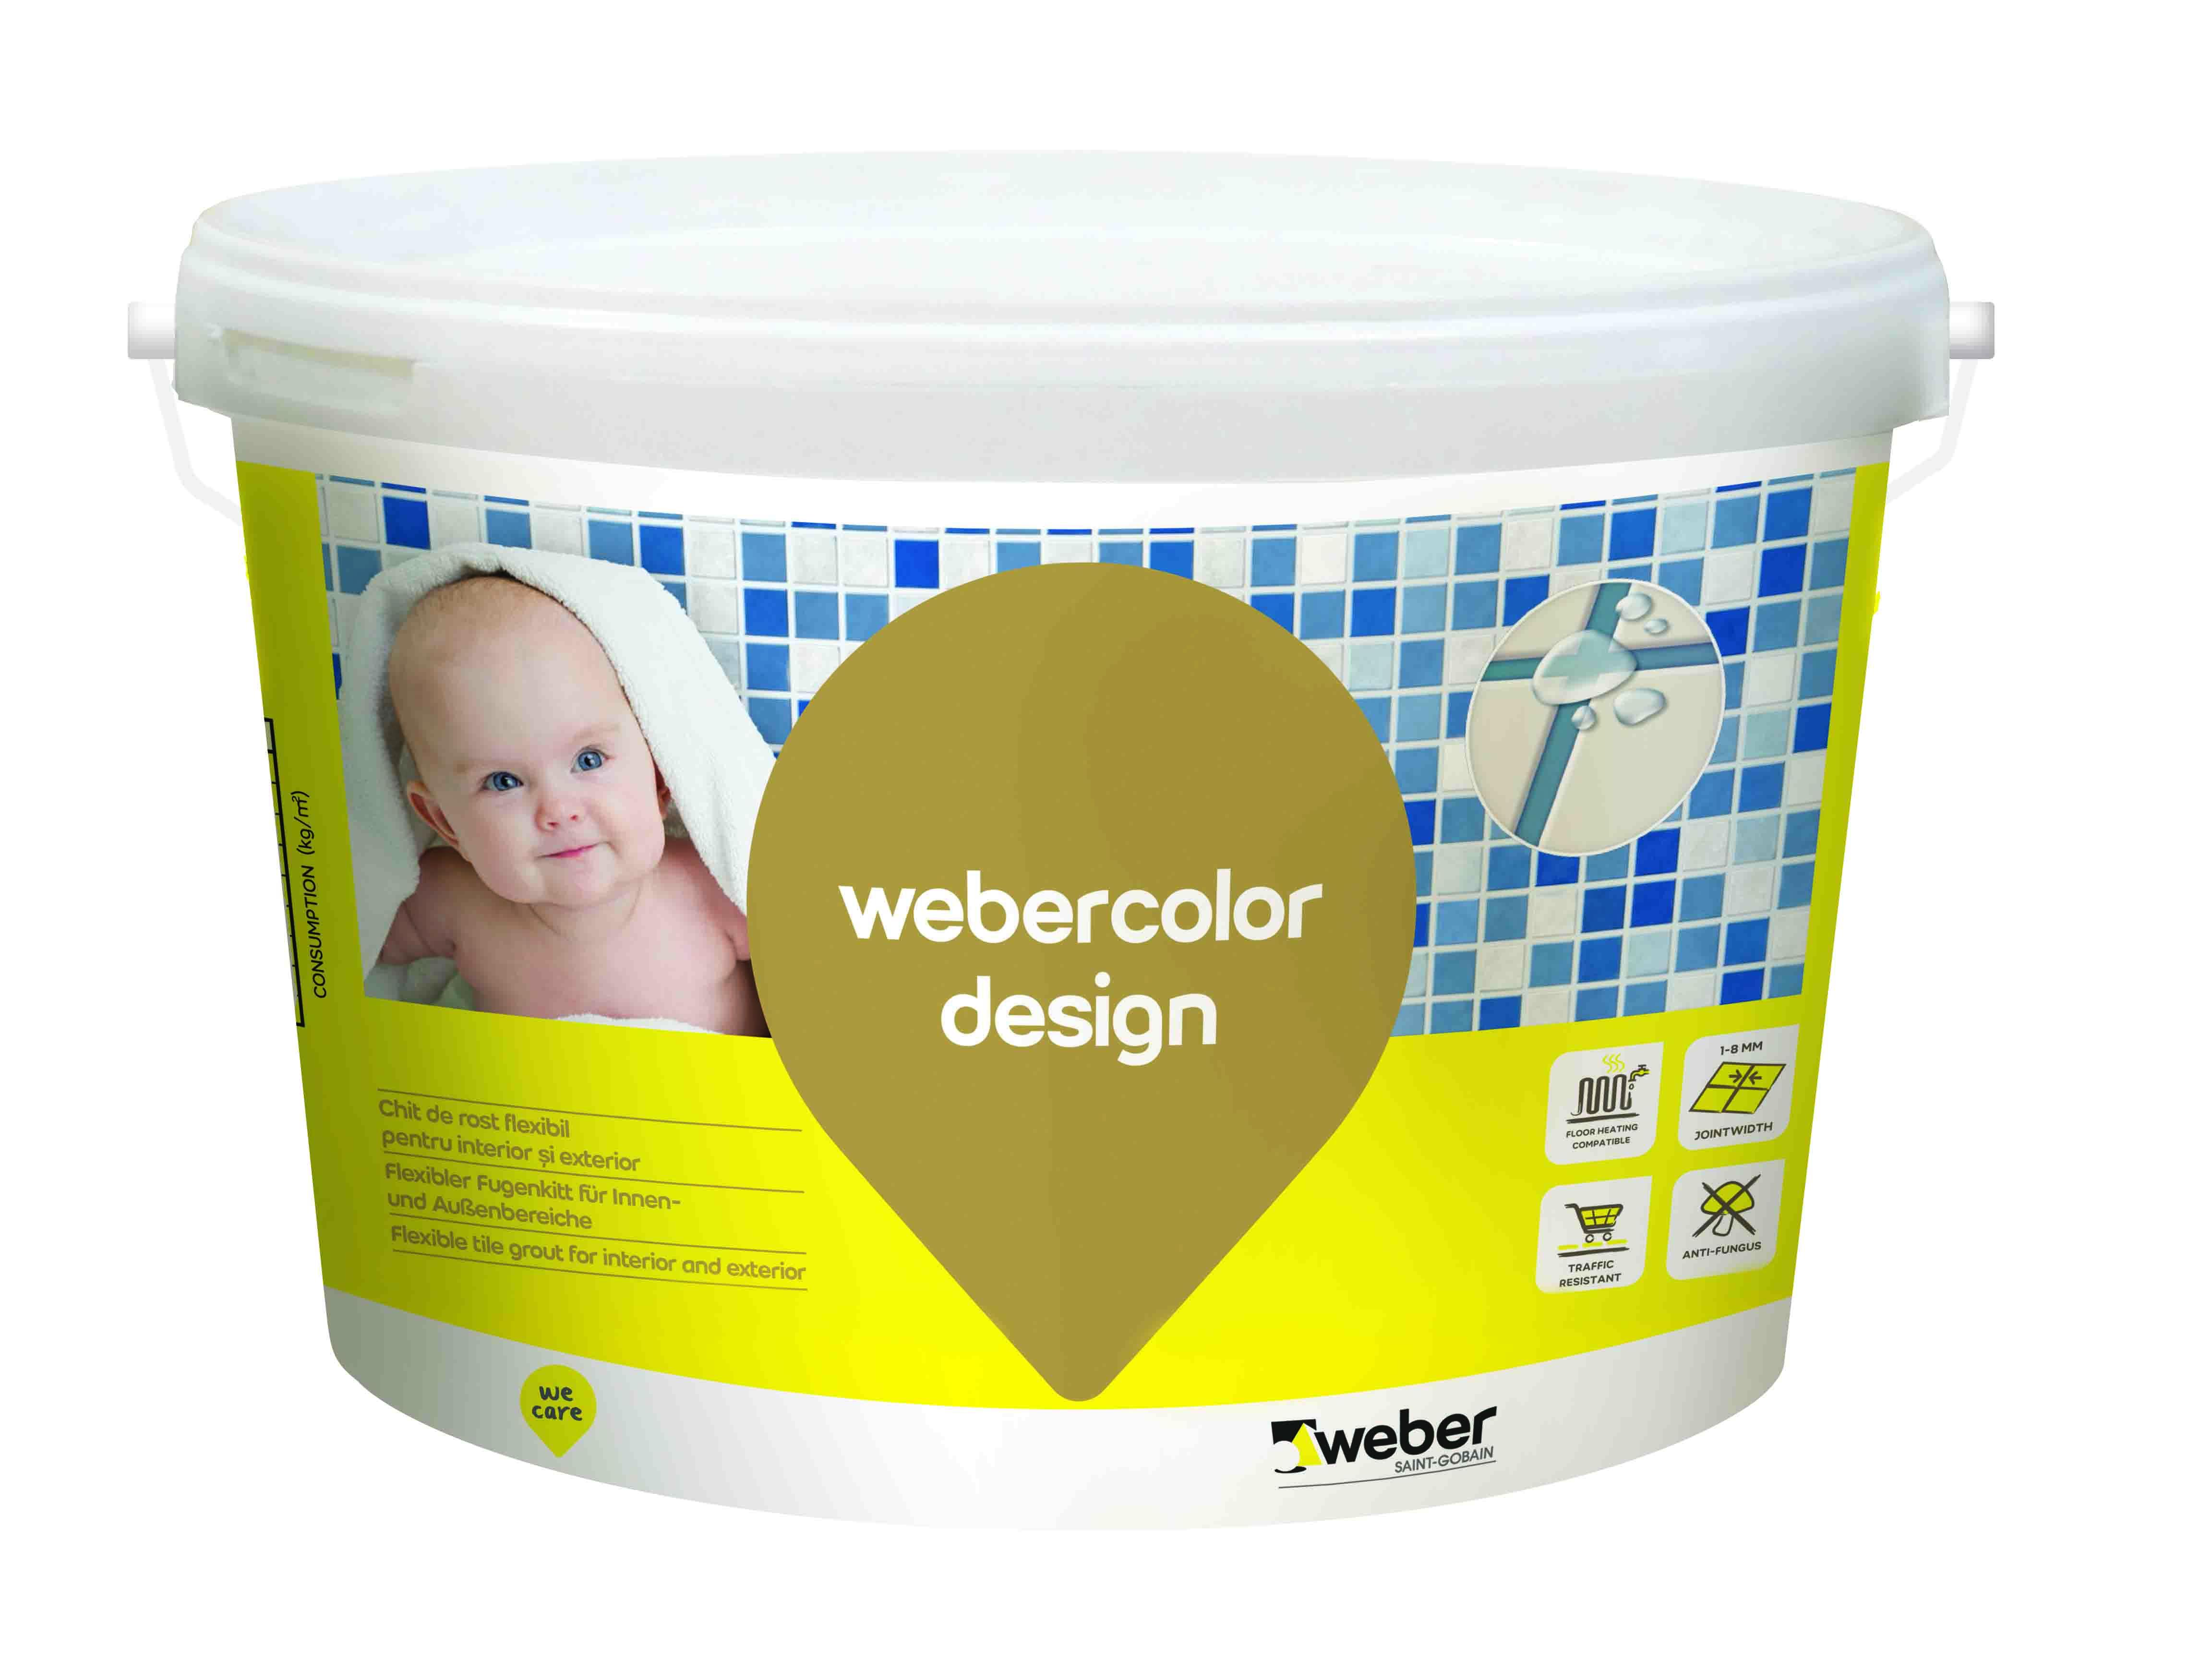 Chit pt rosturi Fuga Weber designt cement 5 kg G109